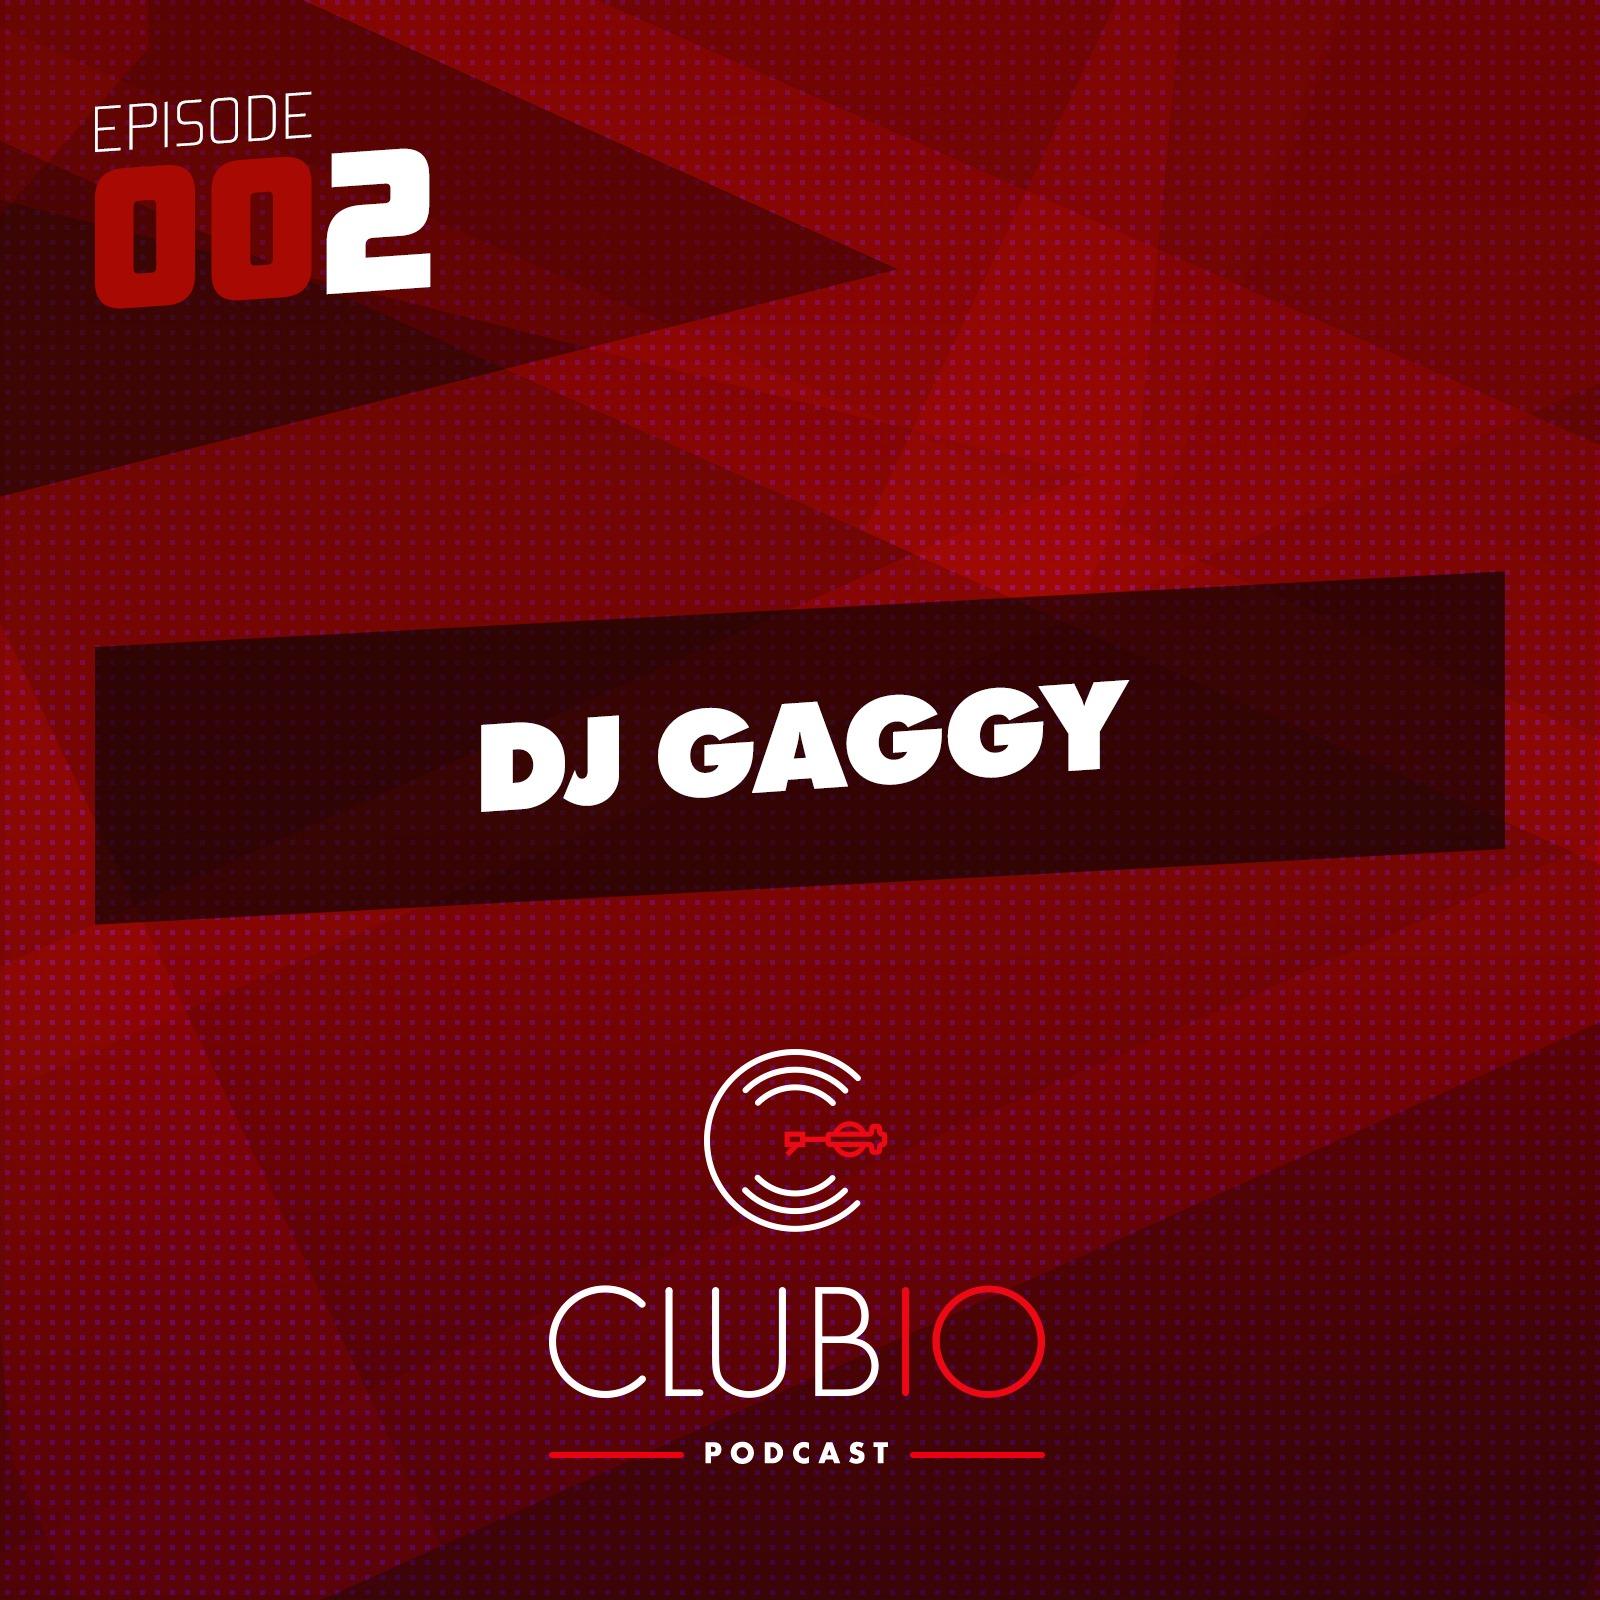 Clubio Podcast 002 - DJ Gaggy